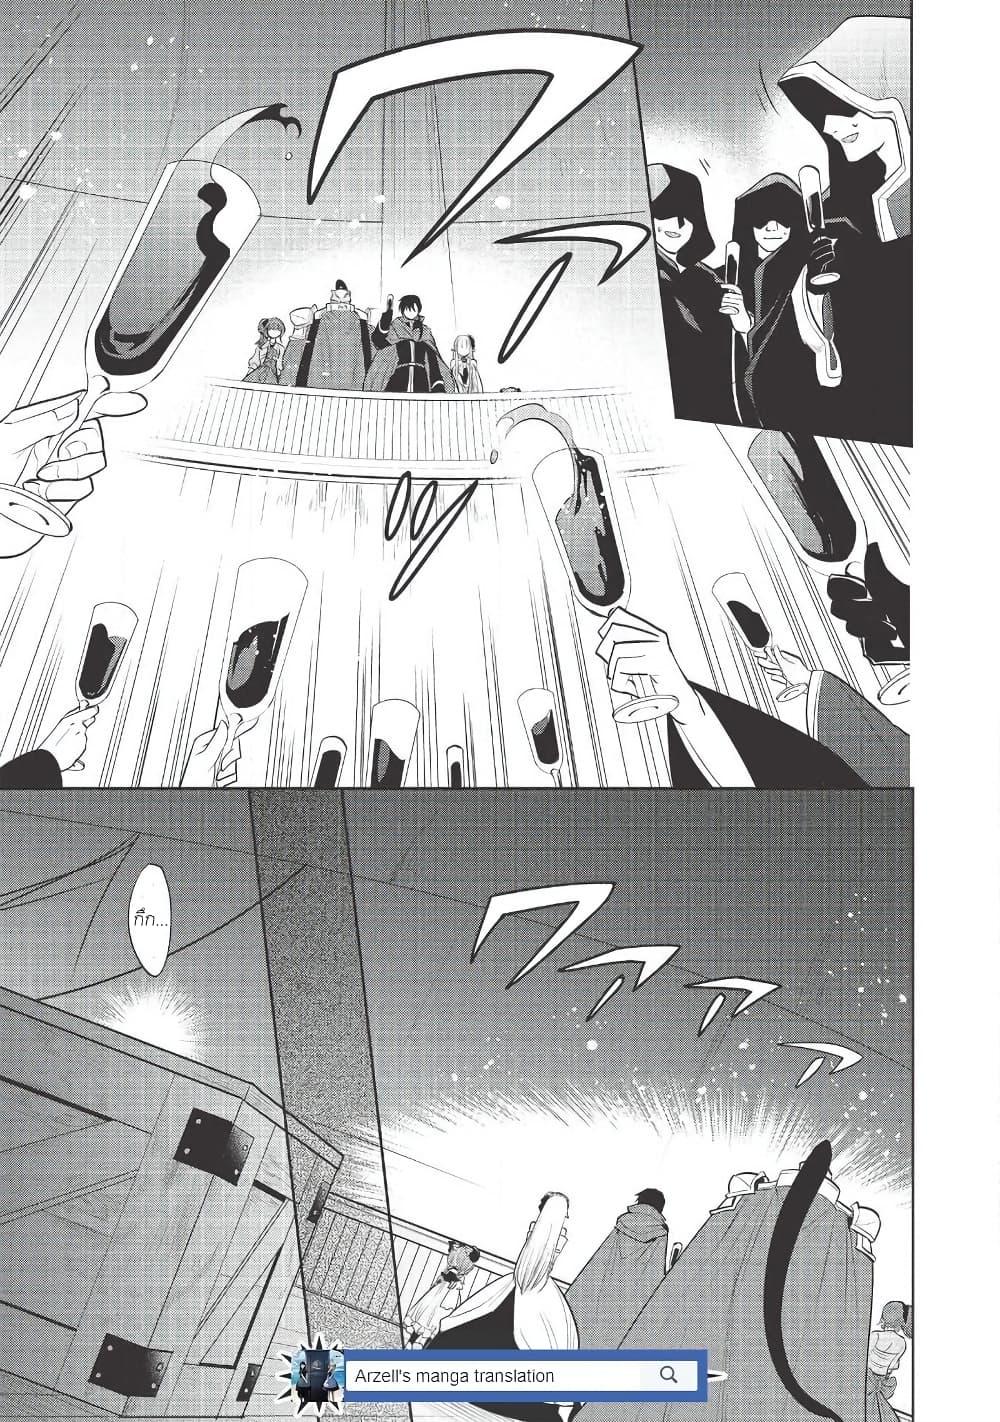 อ่านการ์ตูน Maou no Ore ga Dorei Elf wo Yome ni Shitanda ga Dou Medereba Ii ตอนที่ 27 หน้าที่ 34